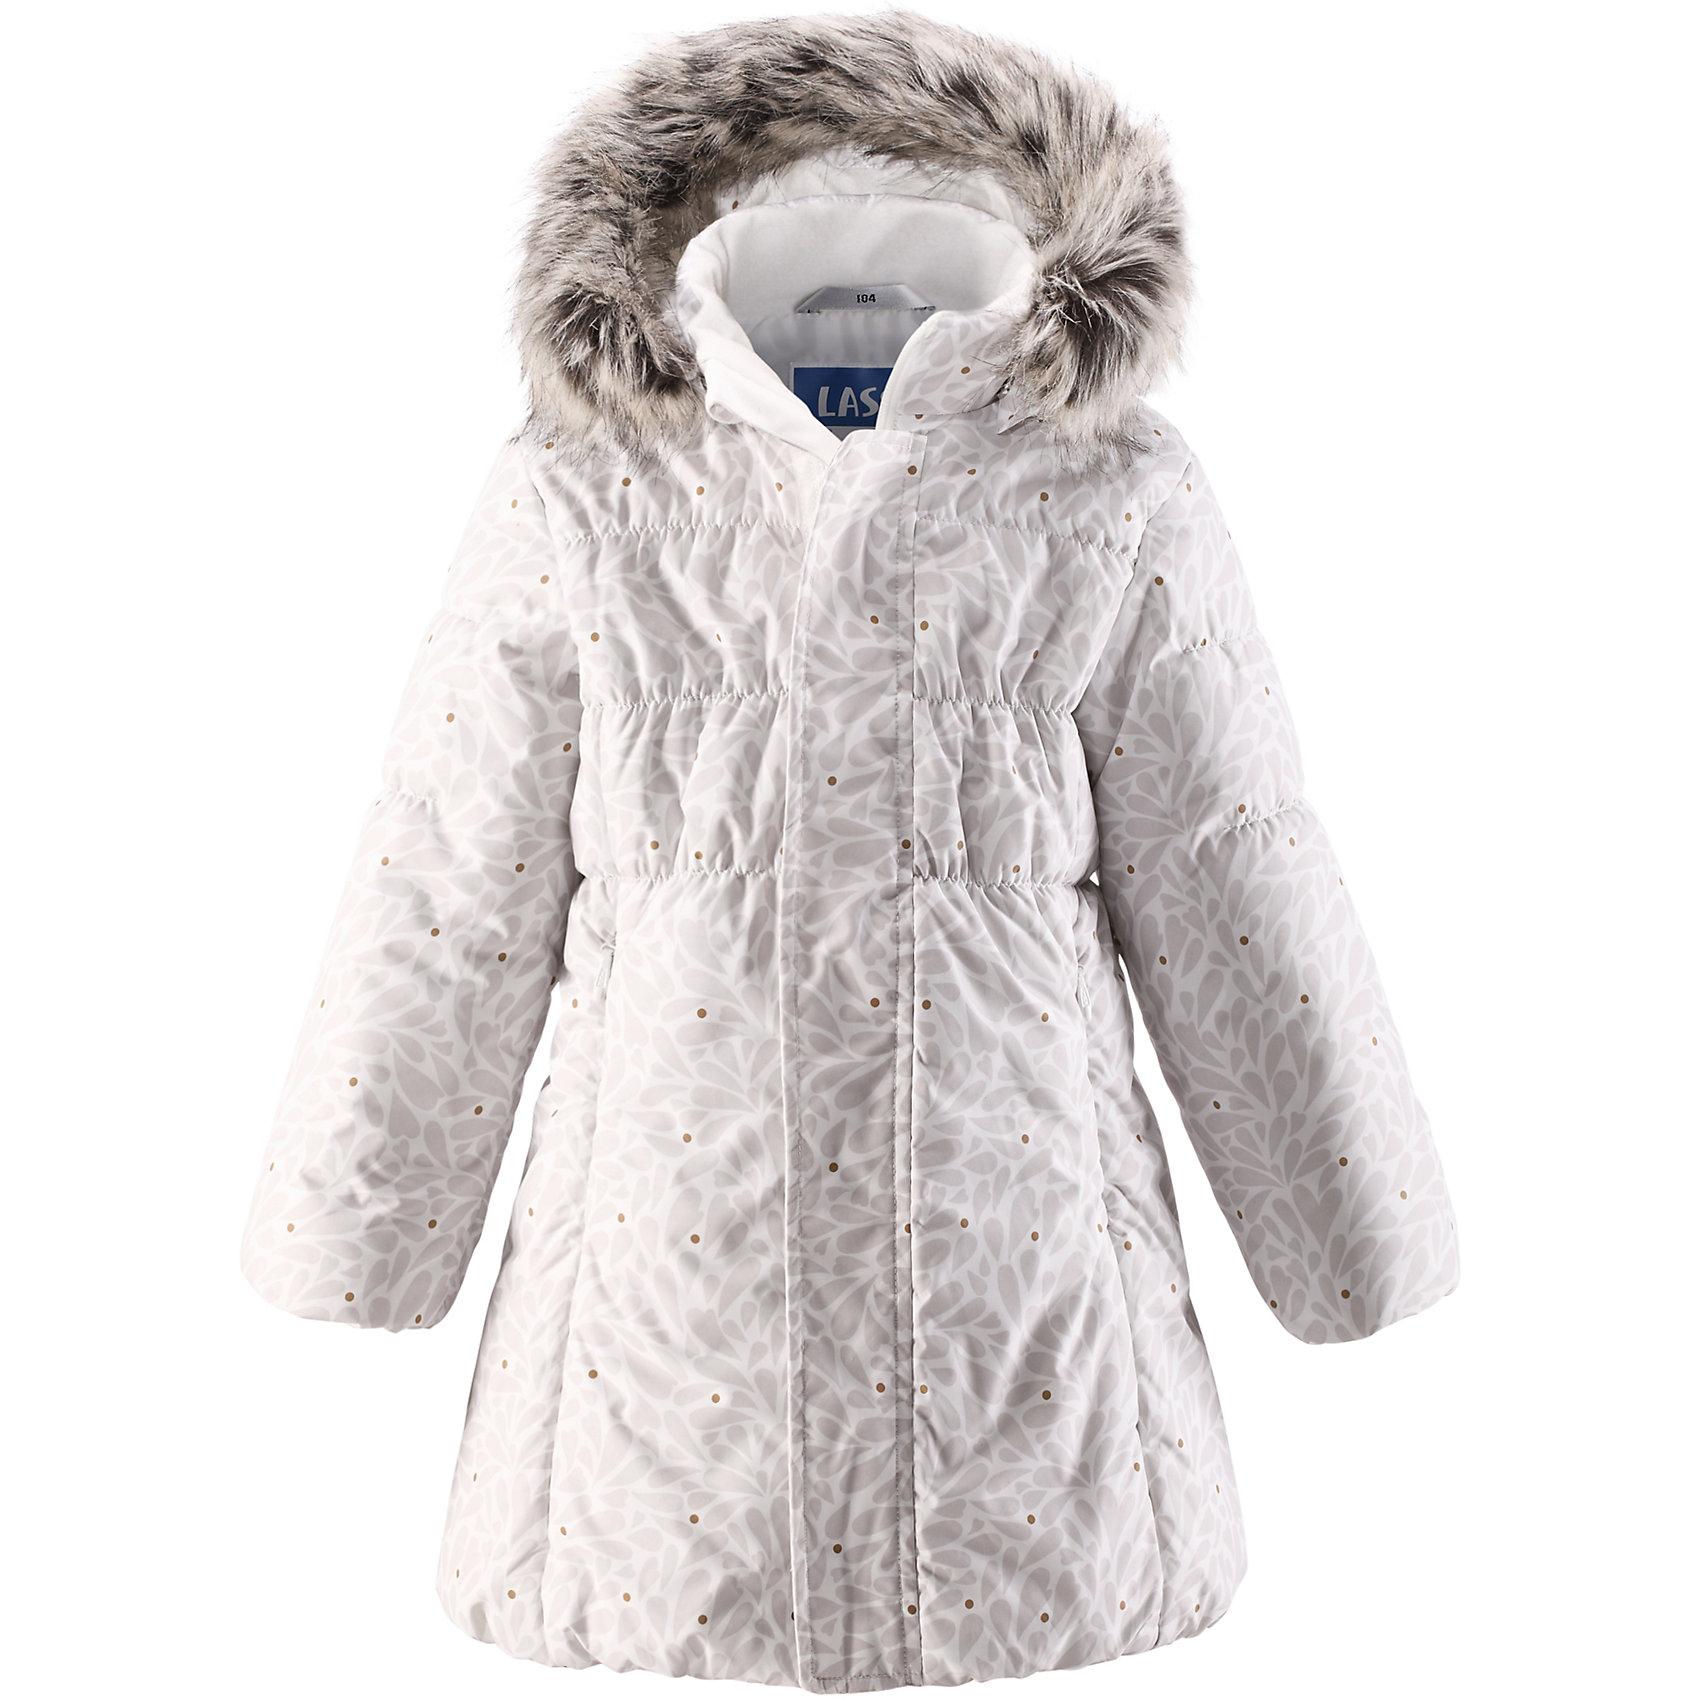 Пальто для девочки LASSIEЗимнее пальто для детей известной финской марки.<br><br>- Водоотталкивающий, ветронепроницаемый, «дышащий» и грязеотталкивающий материал.<br>- Крой для девочек. <br>- Гладкая подкладка из полиэстра.<br>- Средняя степень утепления. <br>- Безопасный съемный капюшон с отсоединяемой меховой каймой из искусственного меха.<br>- Эластичные манжеты. <br>- Регулируемый обхват талии. <br>- Карманы с клапанами.  <br><br>Рекомендации по уходу: Стирать по отдельности, вывернув наизнанку. Перед стиркой отстегните искусственный мех. Застегнуть молнии и липучки. Соблюдать температуру в соответствии с руководством по уходу. Стирать моющим средством, не содержащим отбеливающие вещества. Полоскать без специального средства. Сушение в сушильном шкафу разрешено при  низкой температуре.<br><br>Состав: 100% Полиамид, полиуретановое покрытие.  Утеплитель «Lassie wadding» 200гр.<br><br>Ширина мм: 356<br>Глубина мм: 10<br>Высота мм: 245<br>Вес г: 519<br>Цвет: белый<br>Возраст от месяцев: 48<br>Возраст до месяцев: 60<br>Пол: Женский<br>Возраст: Детский<br>Размер: 98,104,116,128,122,134,110,140,92<br>SKU: 4782368